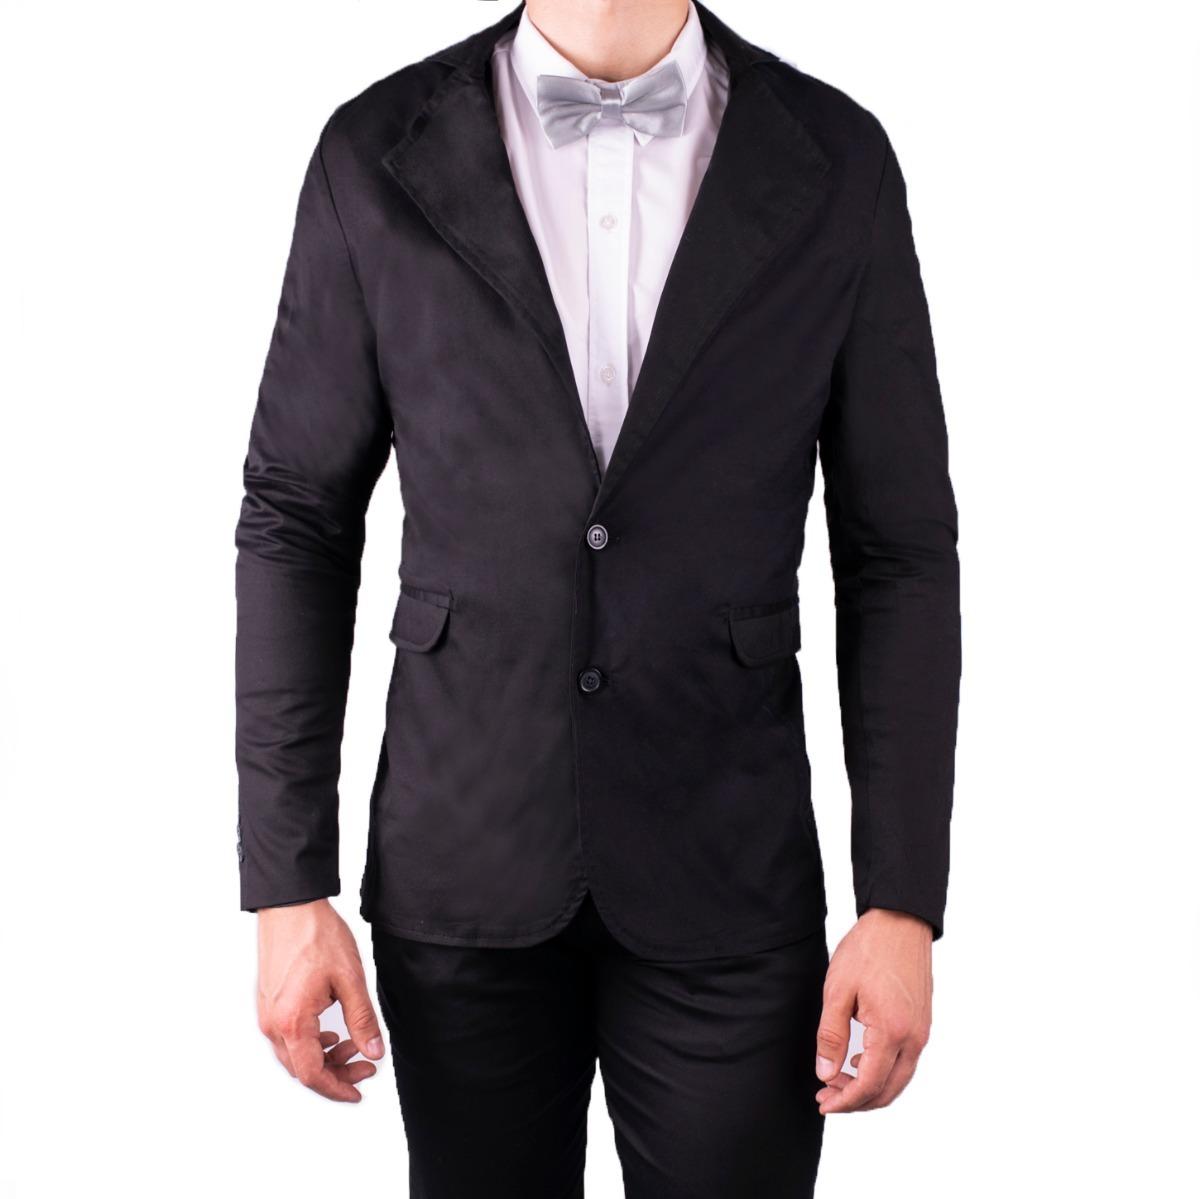 2cfe8f7801ab2 traje hombre entallado pantalon camisa y saco de vestir. Cargando zoom.